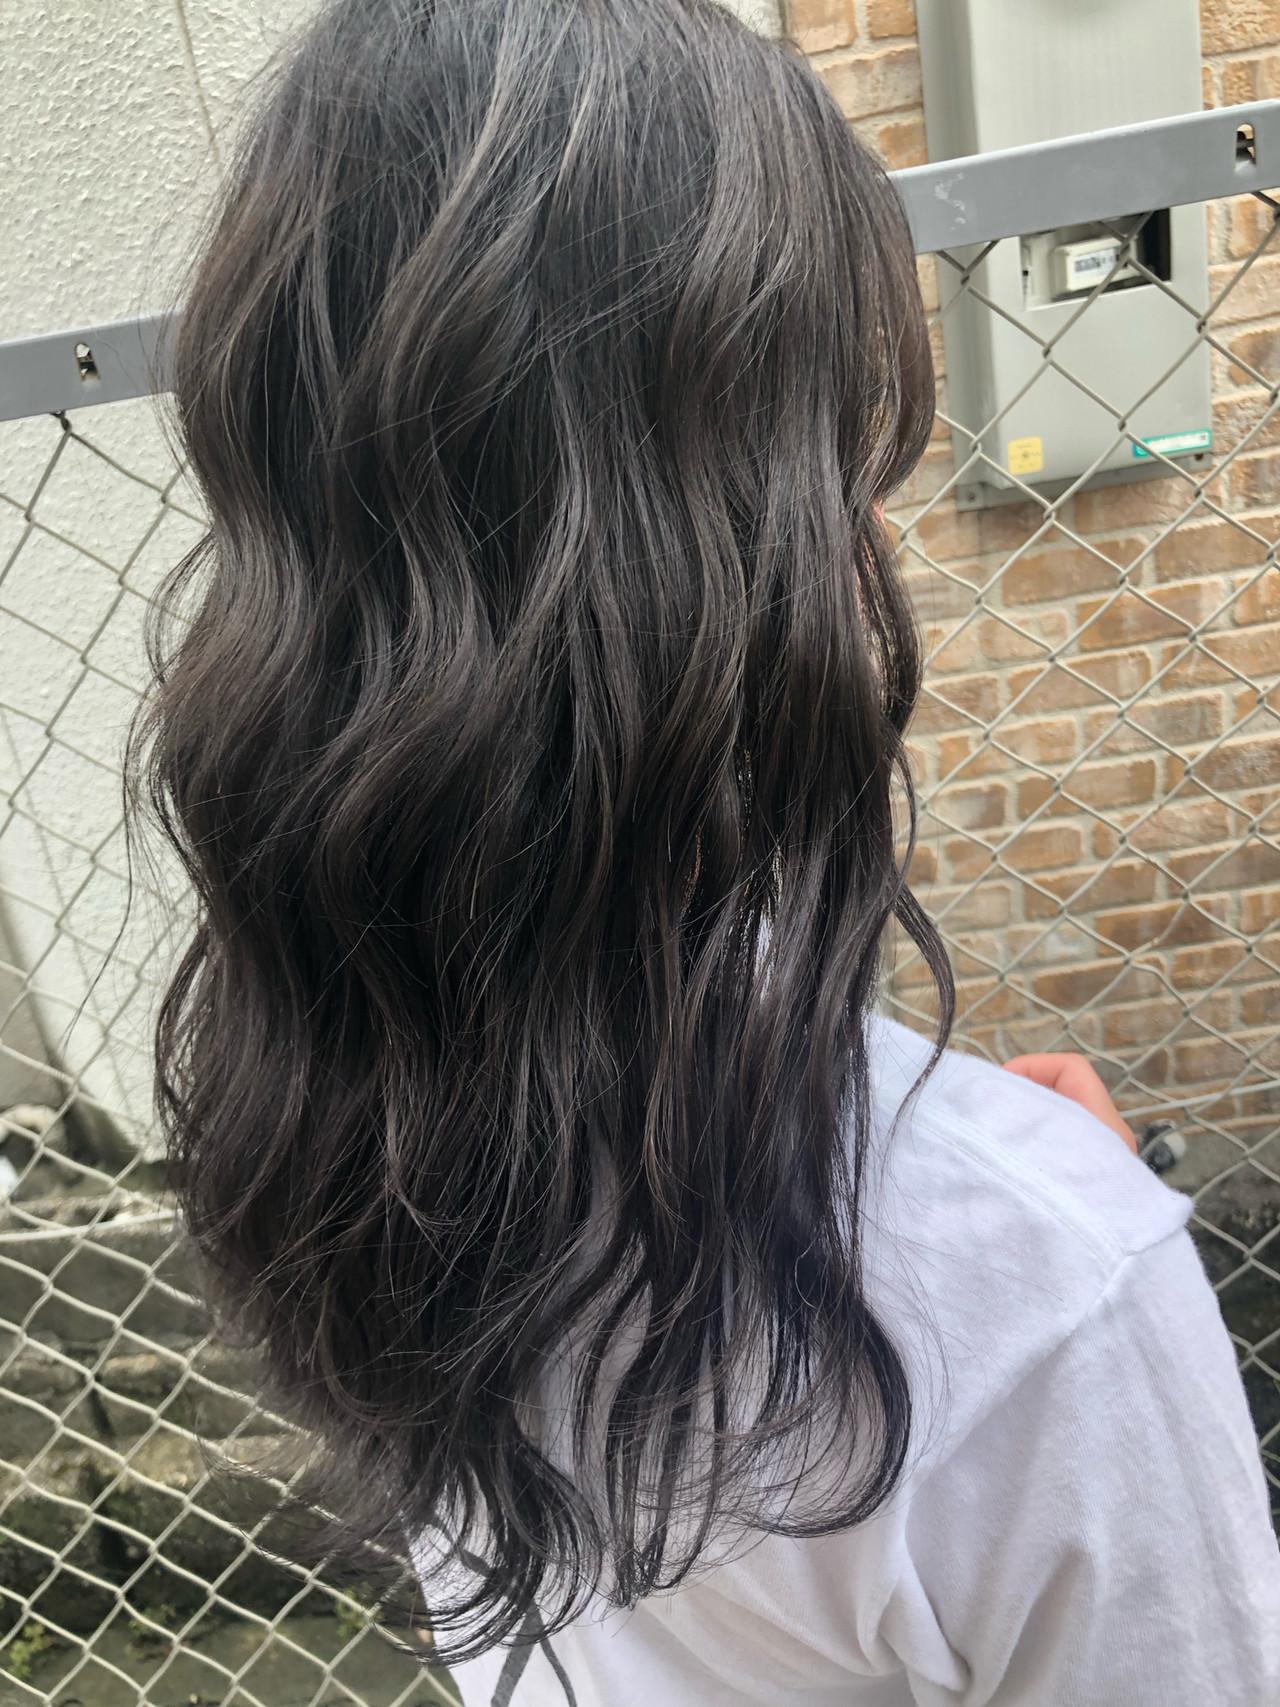 デート セミロング ヘアアレンジ オフィス ヘアスタイルや髪型の写真・画像 | 筒井 隆由 / Hair salon mode